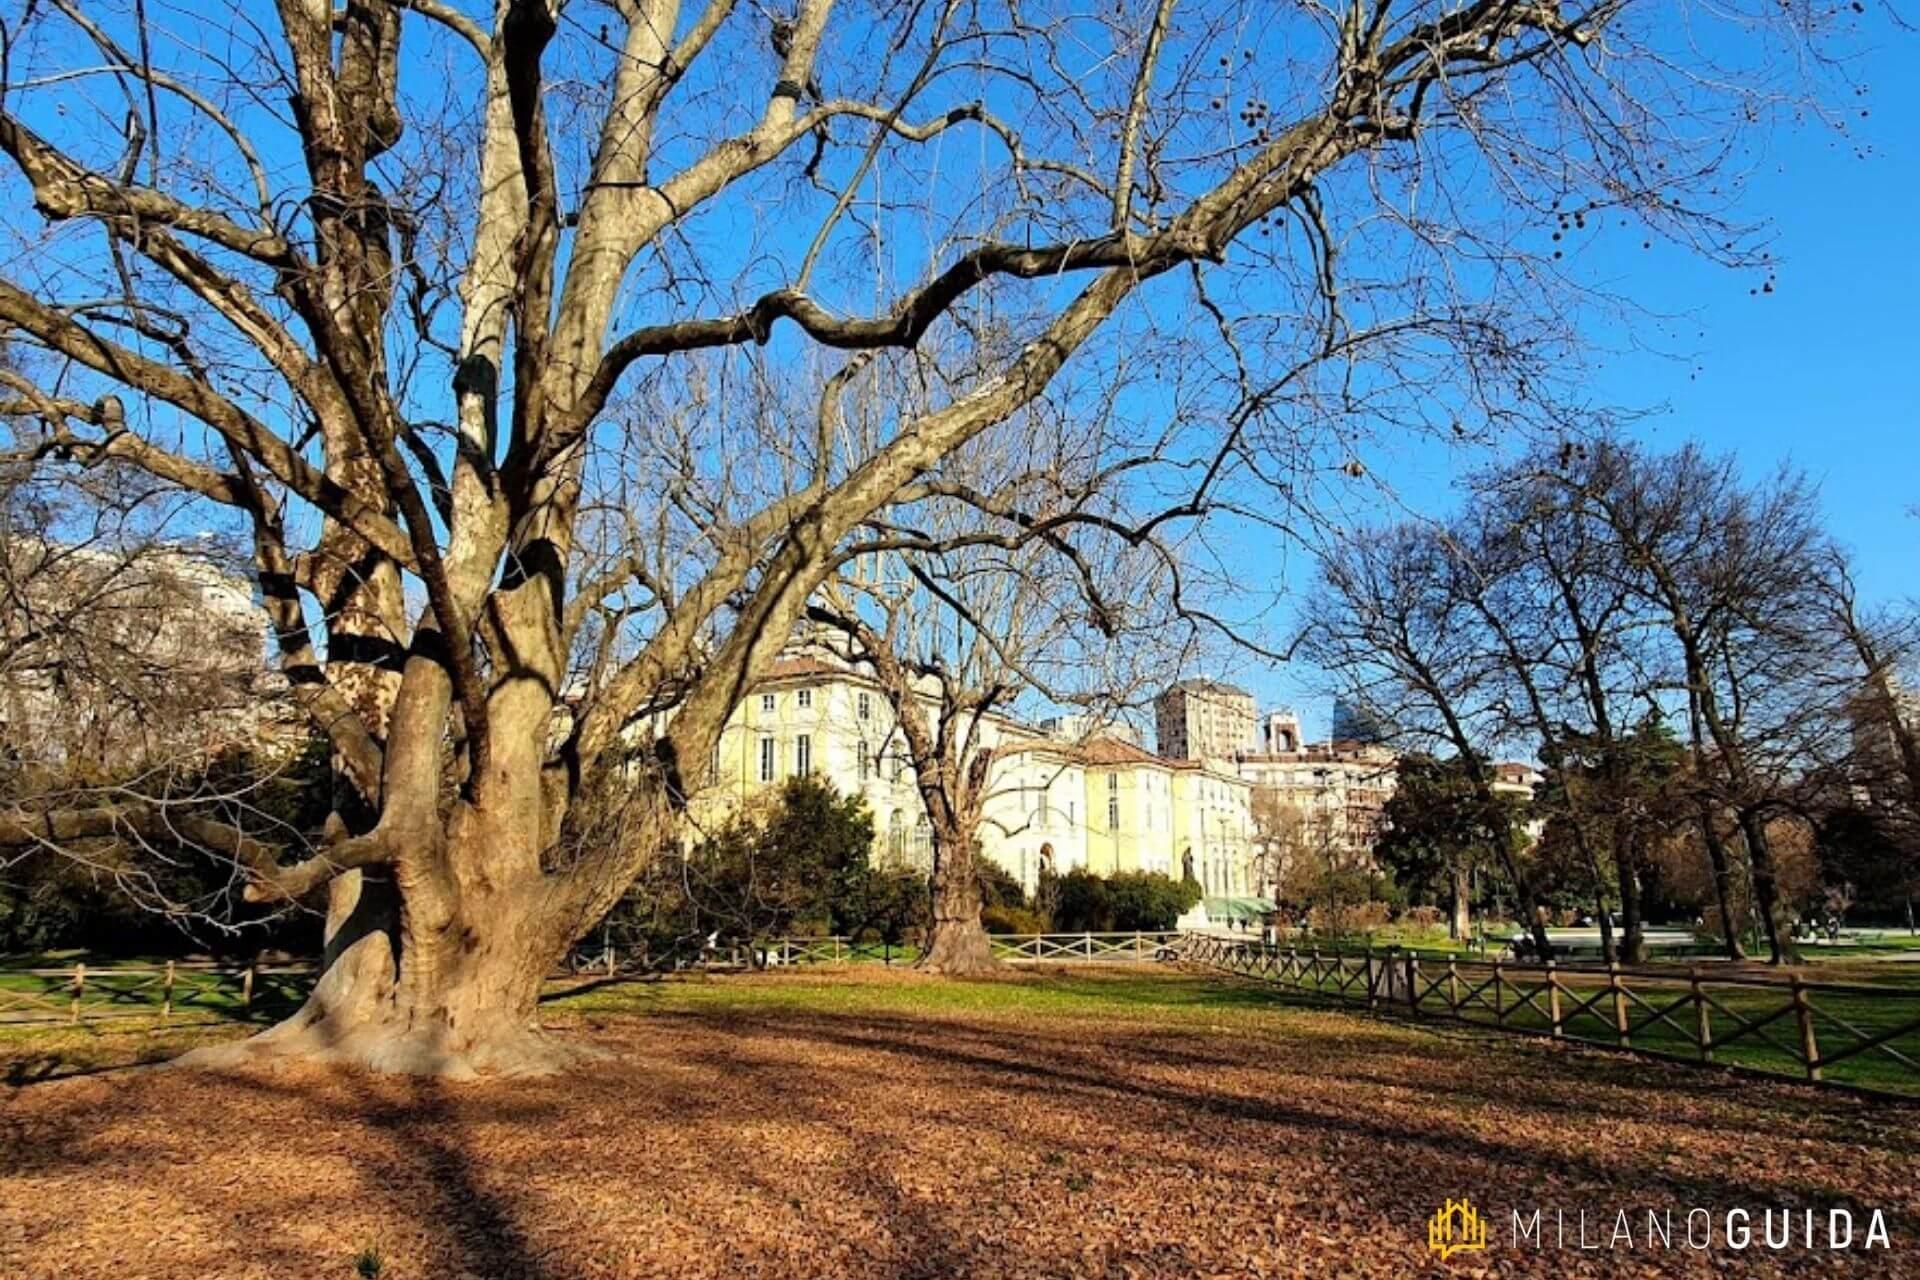 Cammino degli alberi giardini pubblici